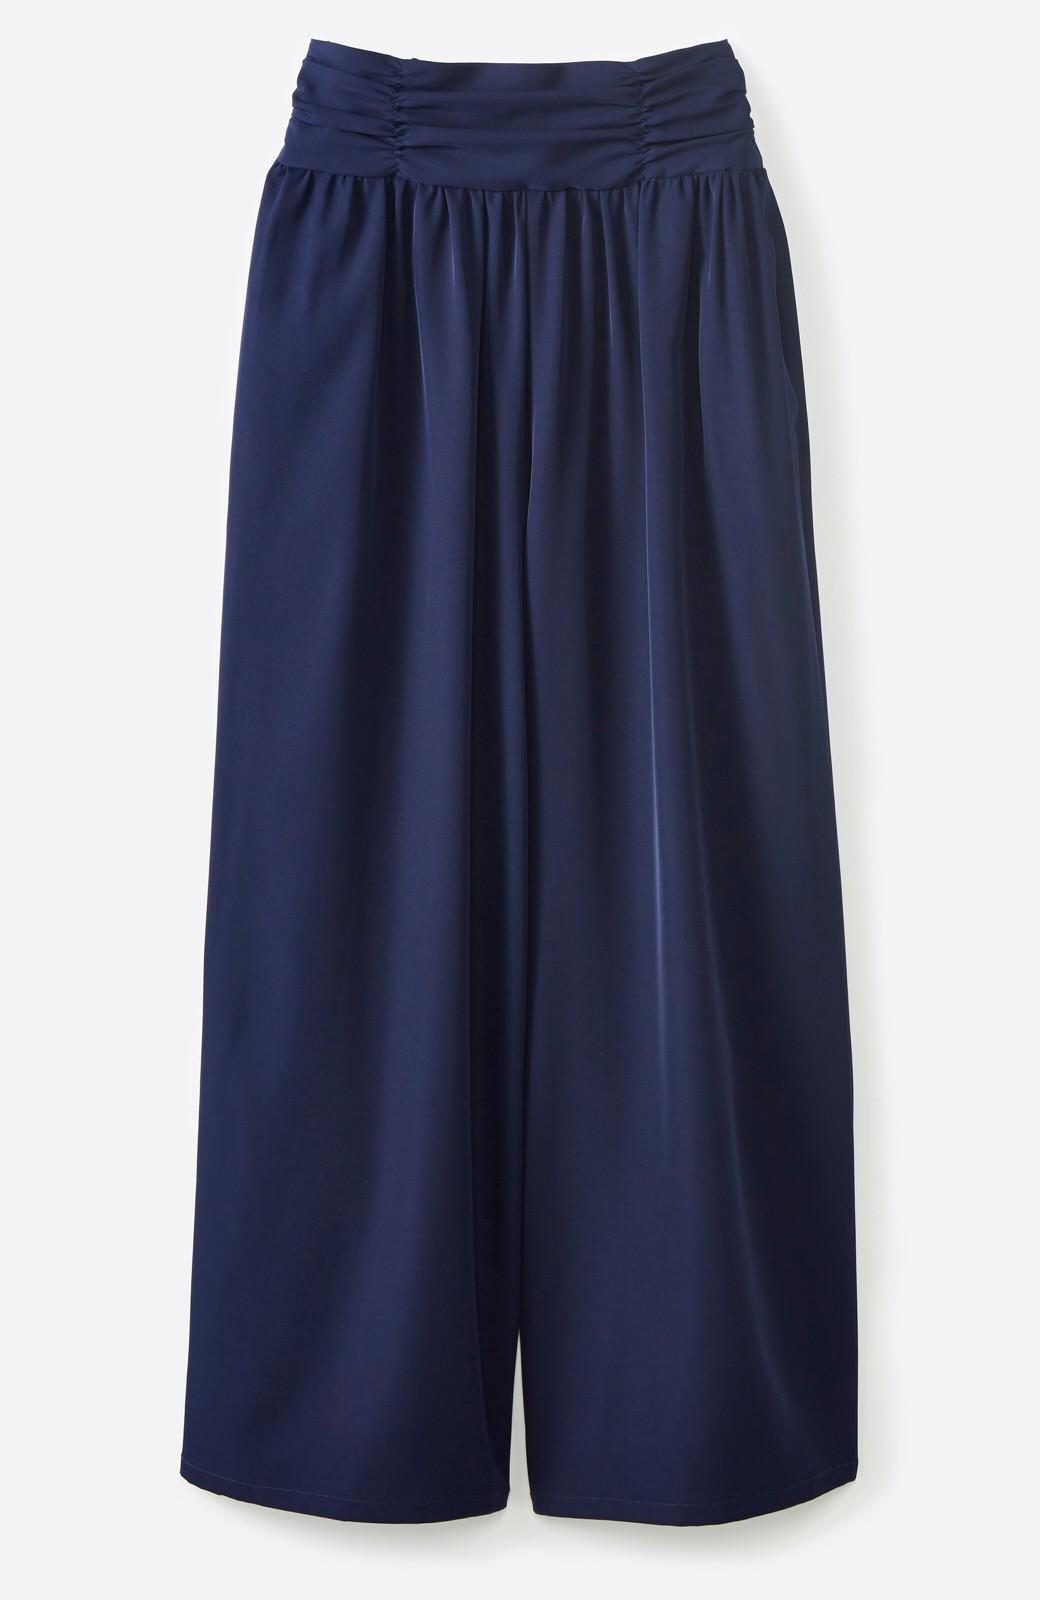 haco! 【スタッフスペシャルセット】ギリギリ女子ミオの夏のコーデに便利!手持ちのTシャツといけるんちゃうかセット  <その他>の商品写真16